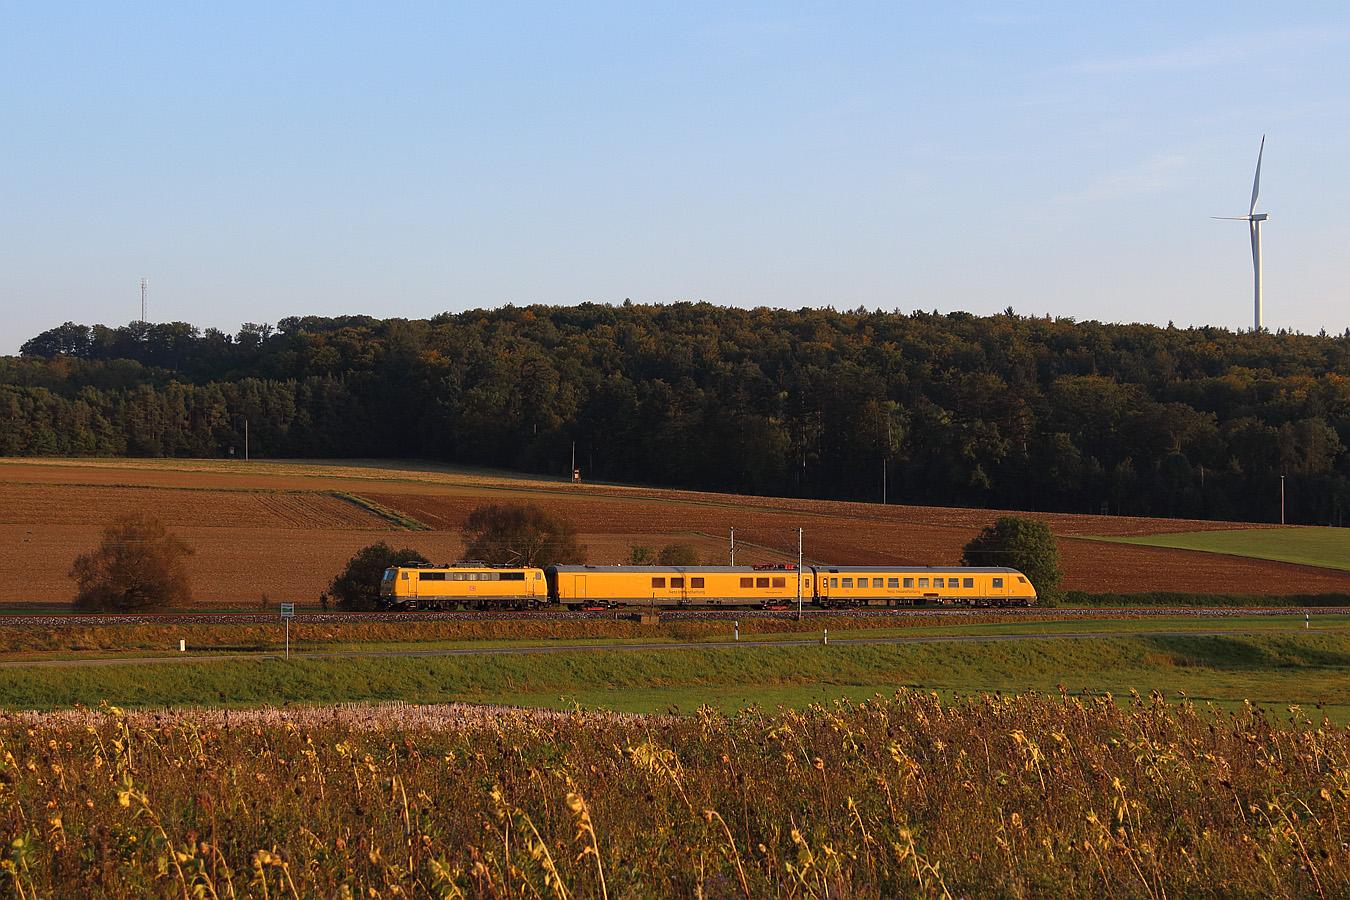 http://www.eisenbahnfotos-online.de/webspace/111059gg-210917-teu-1350.jpg